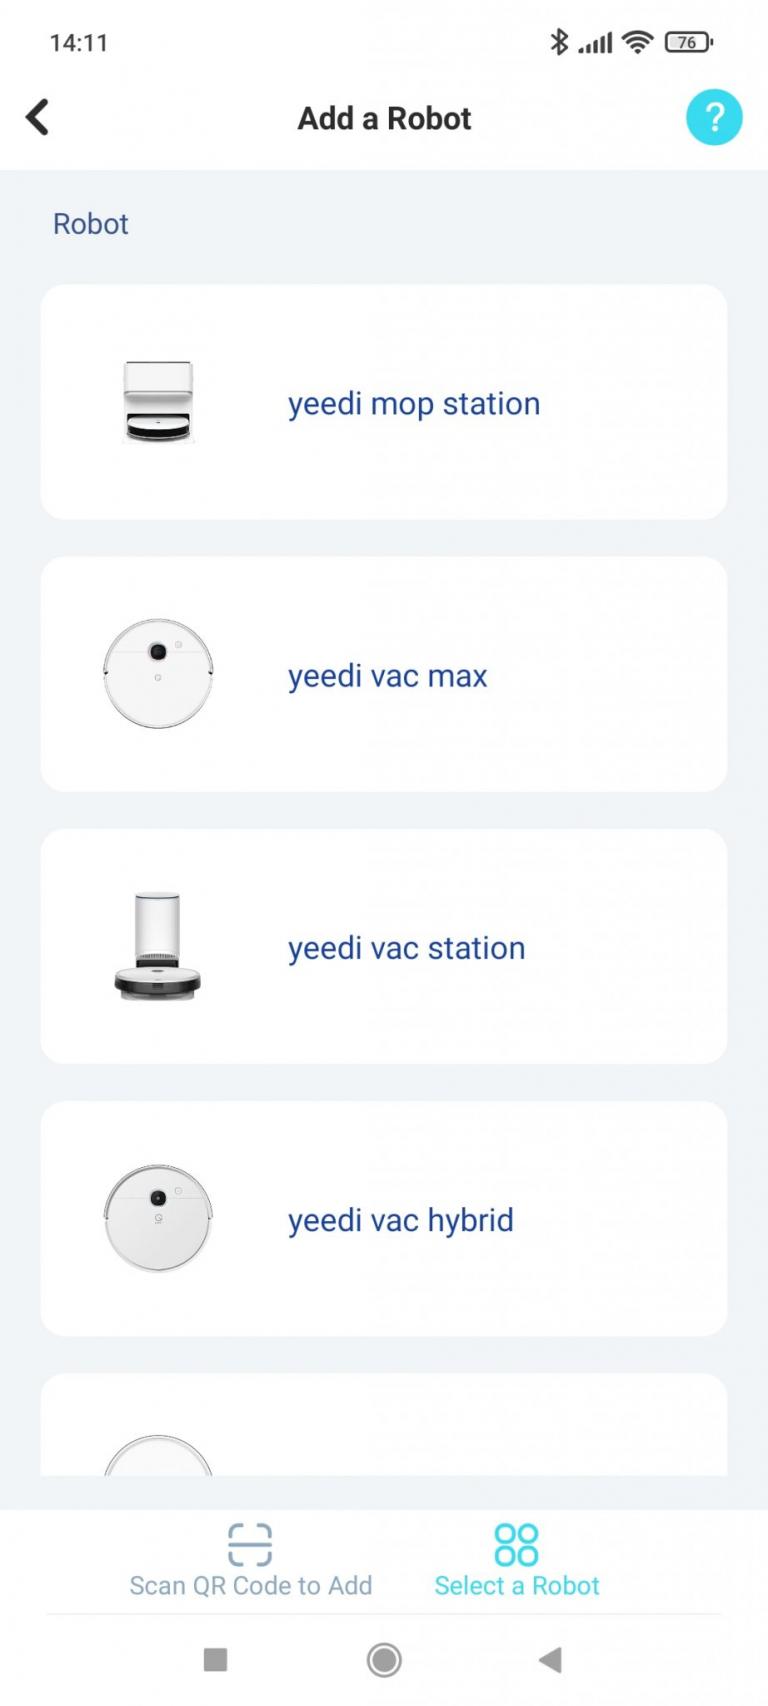 Yeedi robotporszívó és felmosóállomás teszt 26